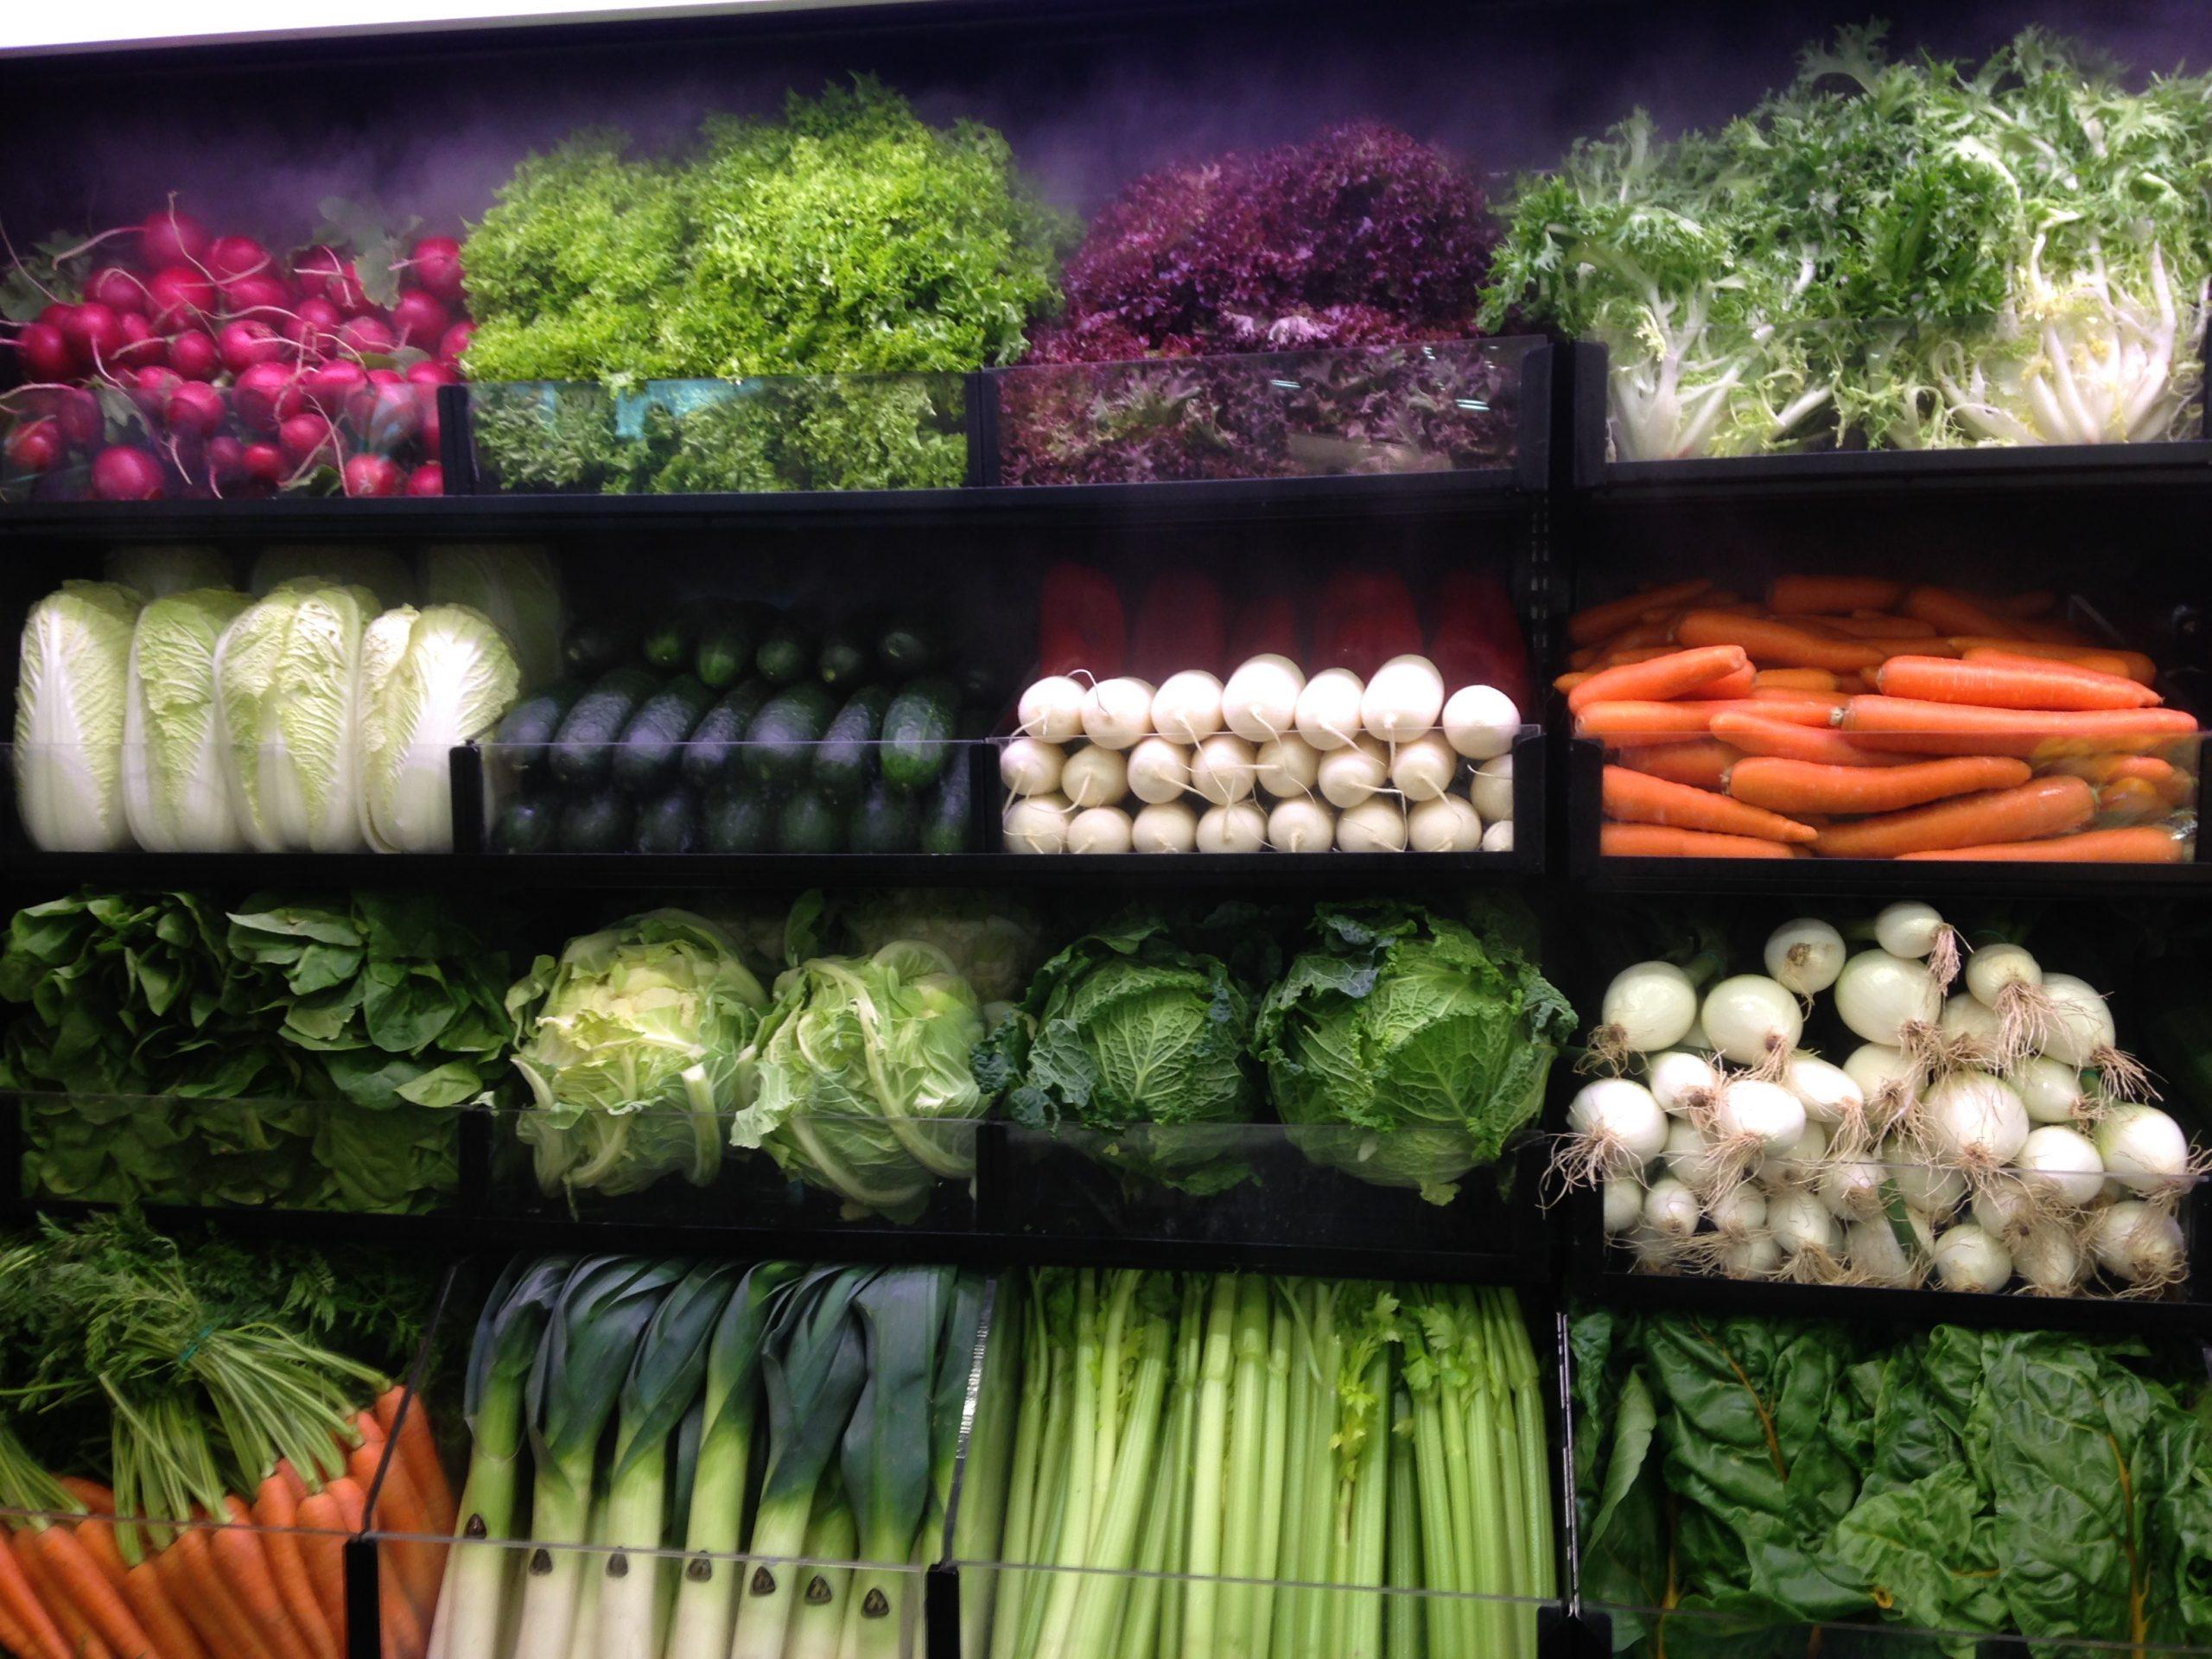 veg display ed flr